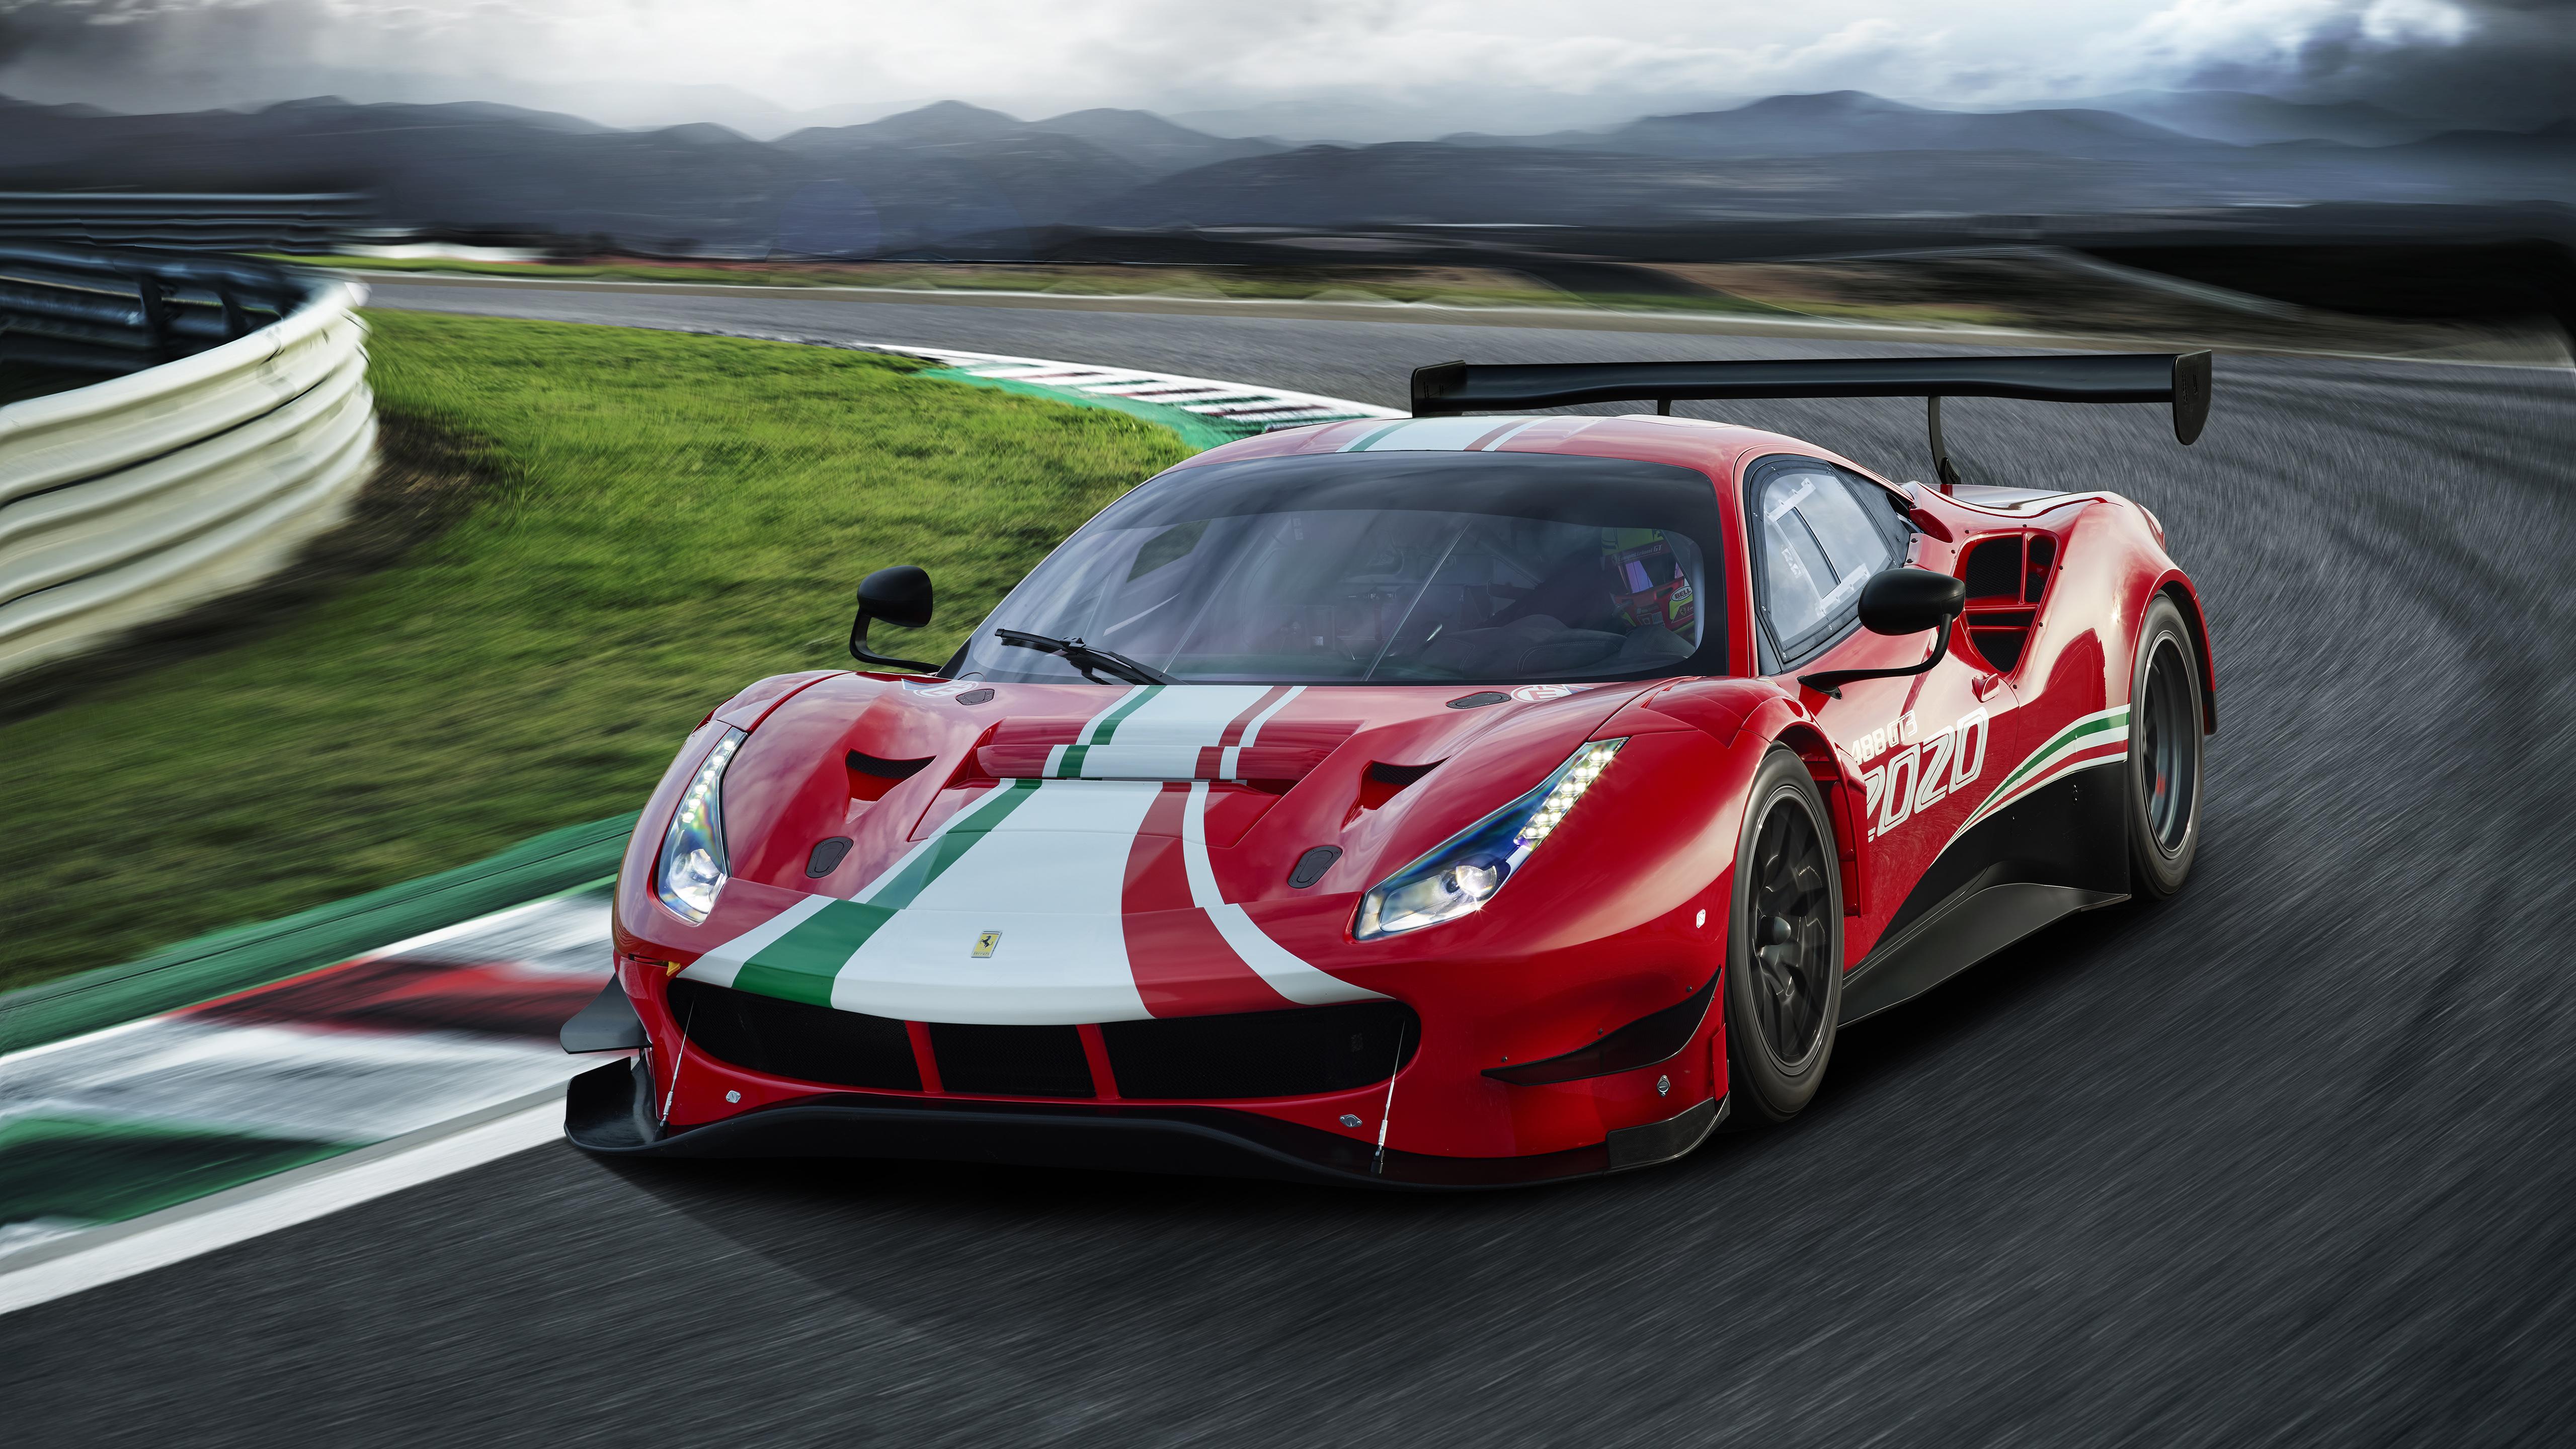 Ferrari 488 Gt3 Evo 2020 5k 2 Wallpaper Hd Car Wallpapers Id 13544